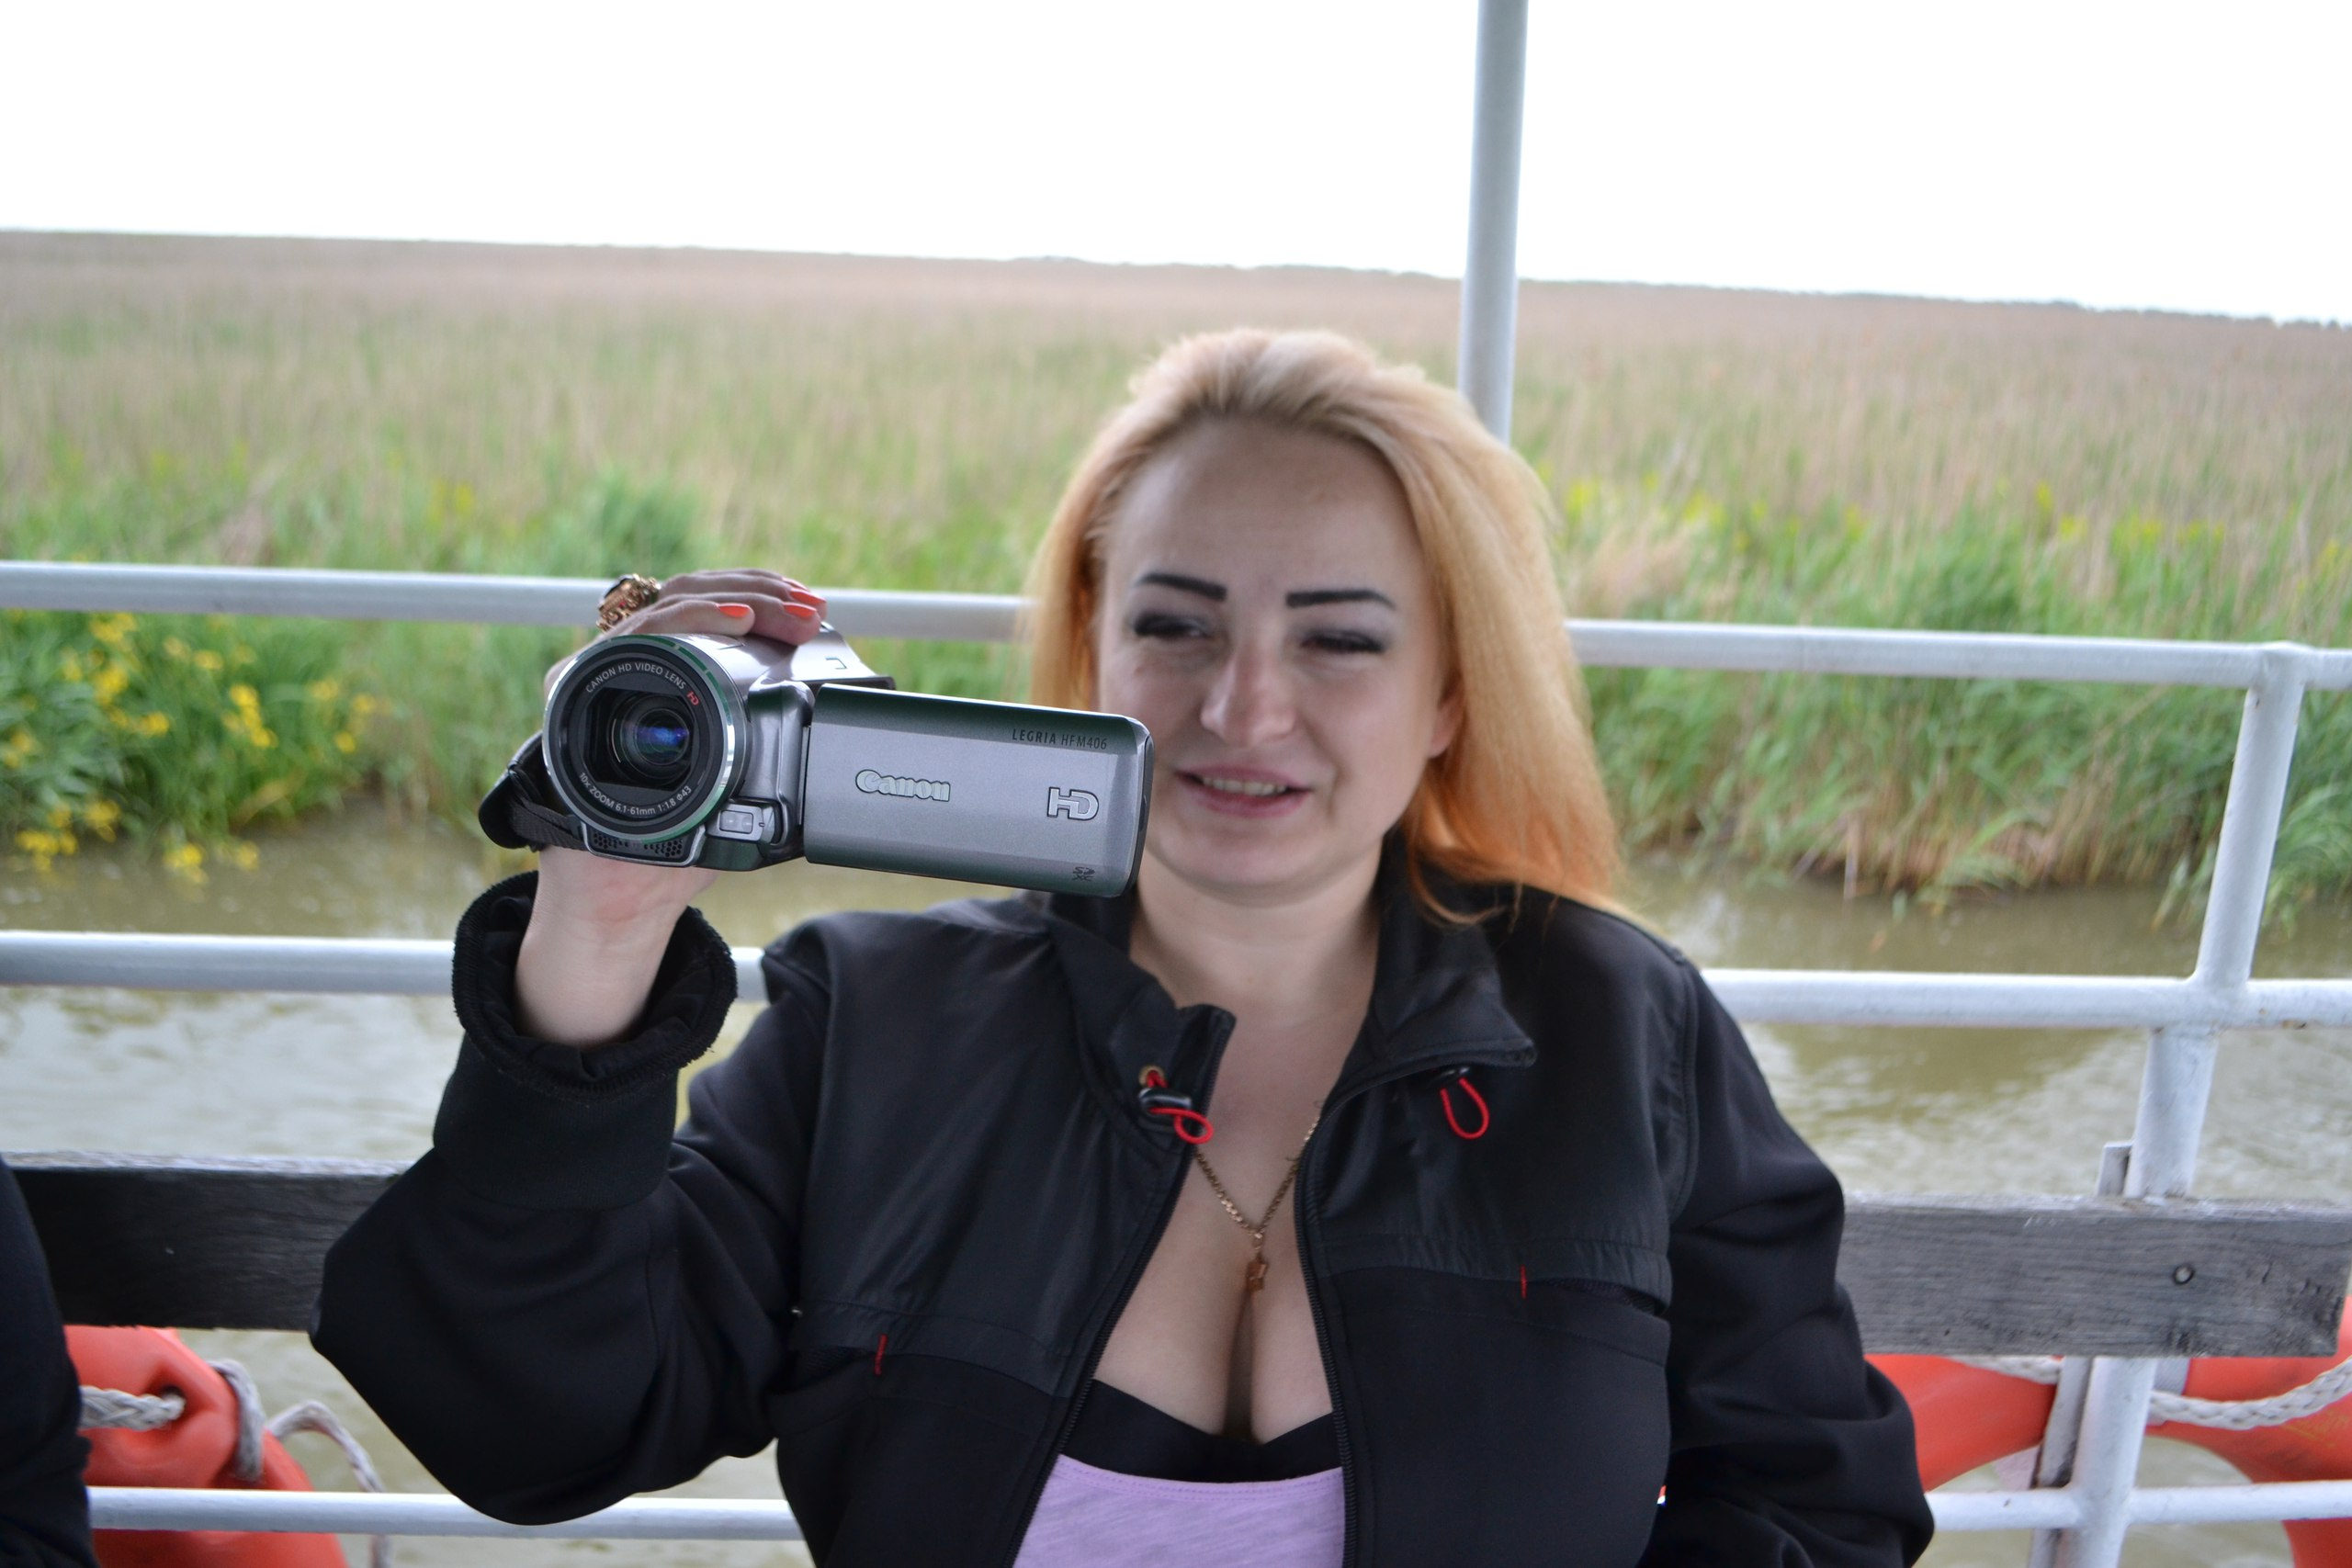 никосия - Елена Руденко. Мои путешествия (фото/видео) - Страница 3 C8xnl3RbMCE